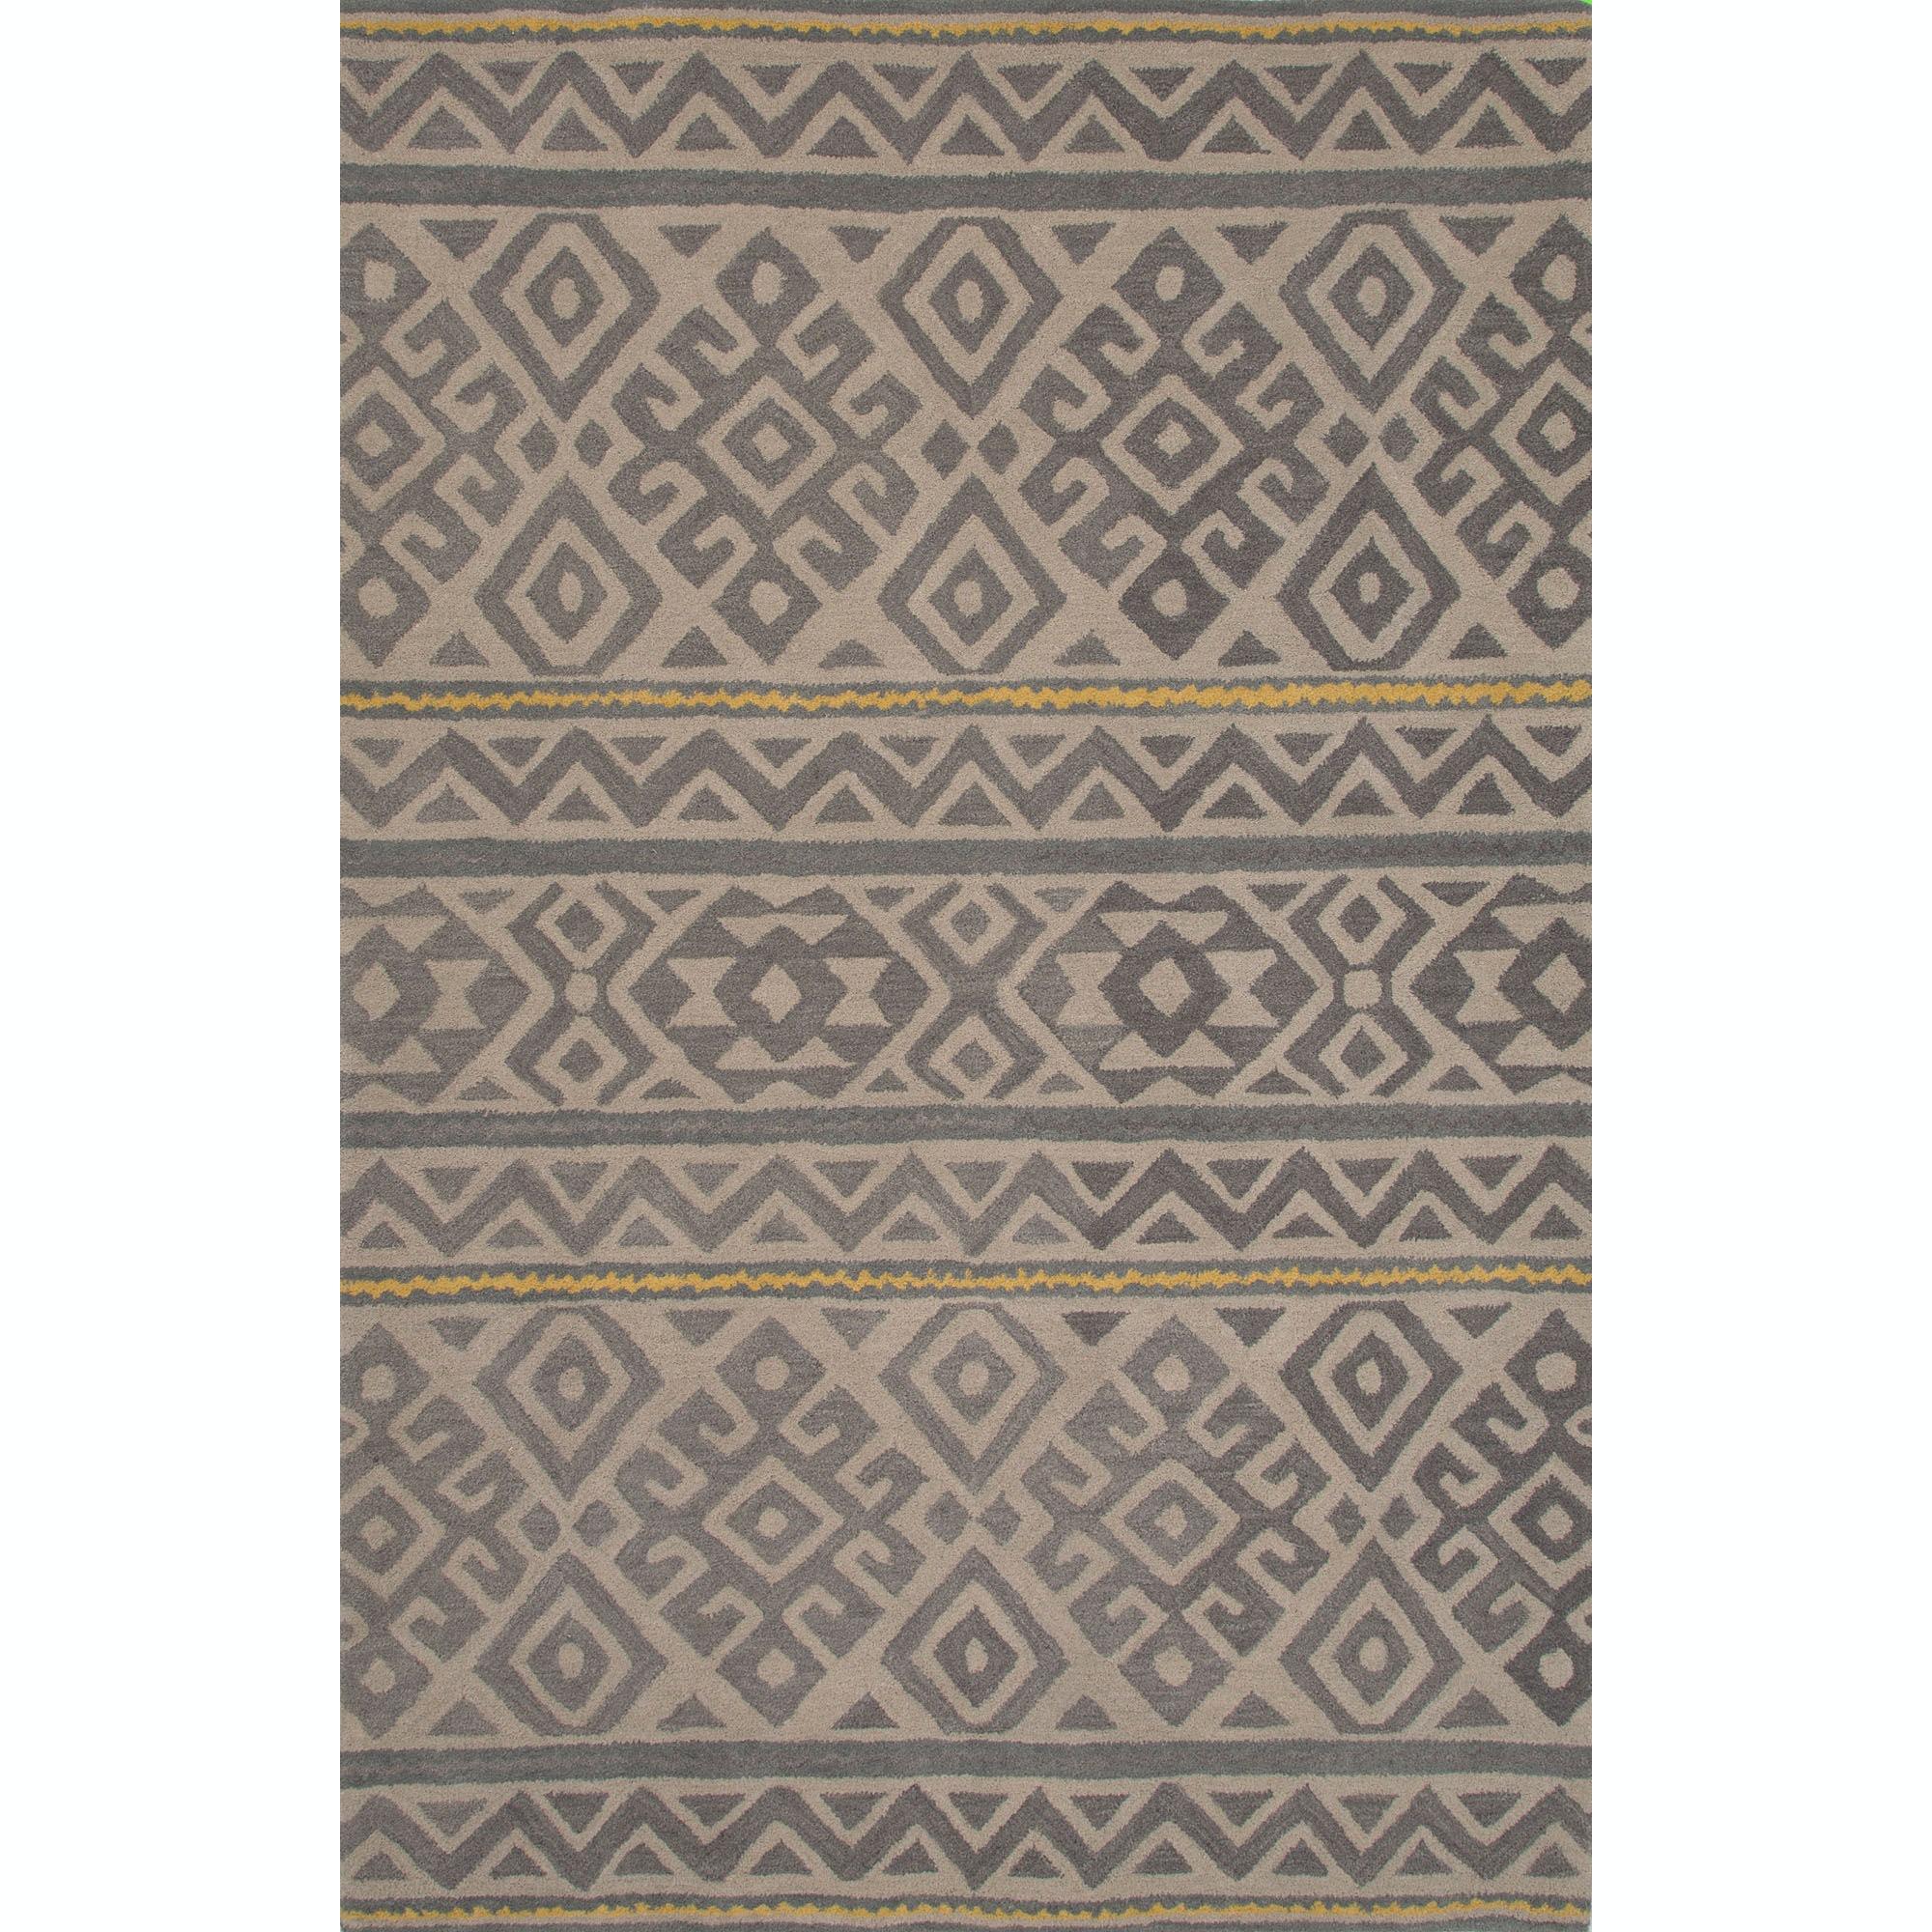 Jaipur Rugs Floor Coverings Handmade Looped Cut Wool Black Gray